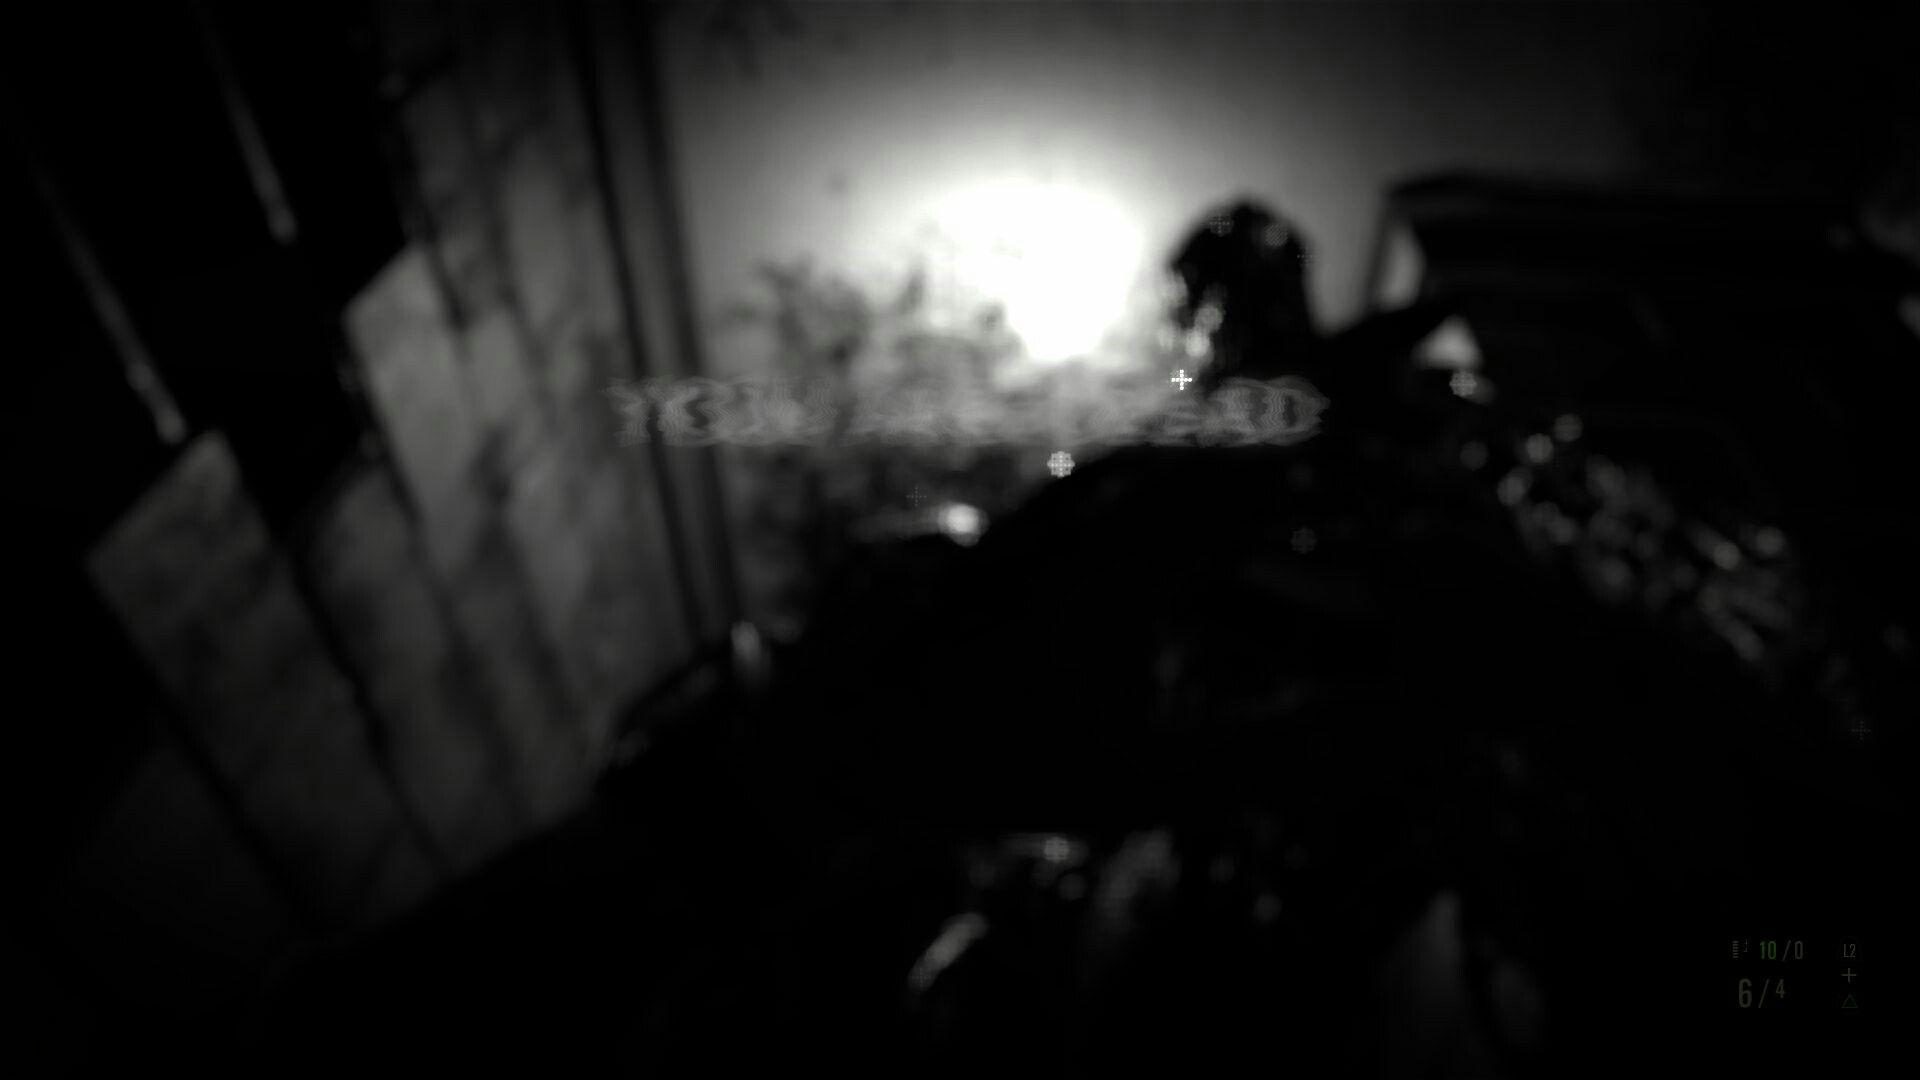 #ResidentEvil7biohazard #reambassador #Capcom #ps4 #ps4pro #HDR #4k #gameplay